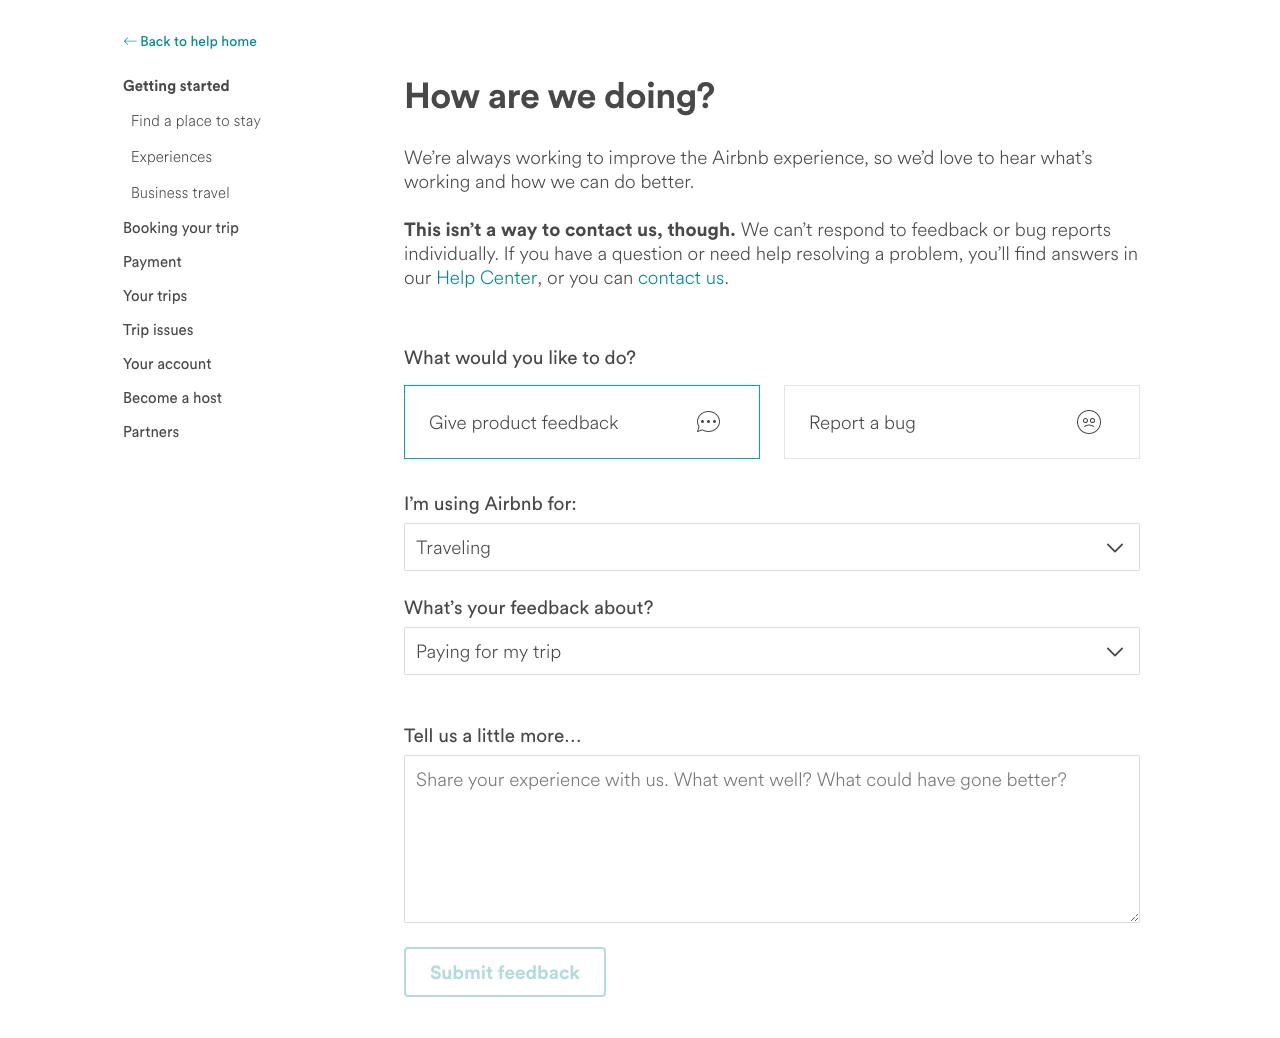 Airbnb-feedback